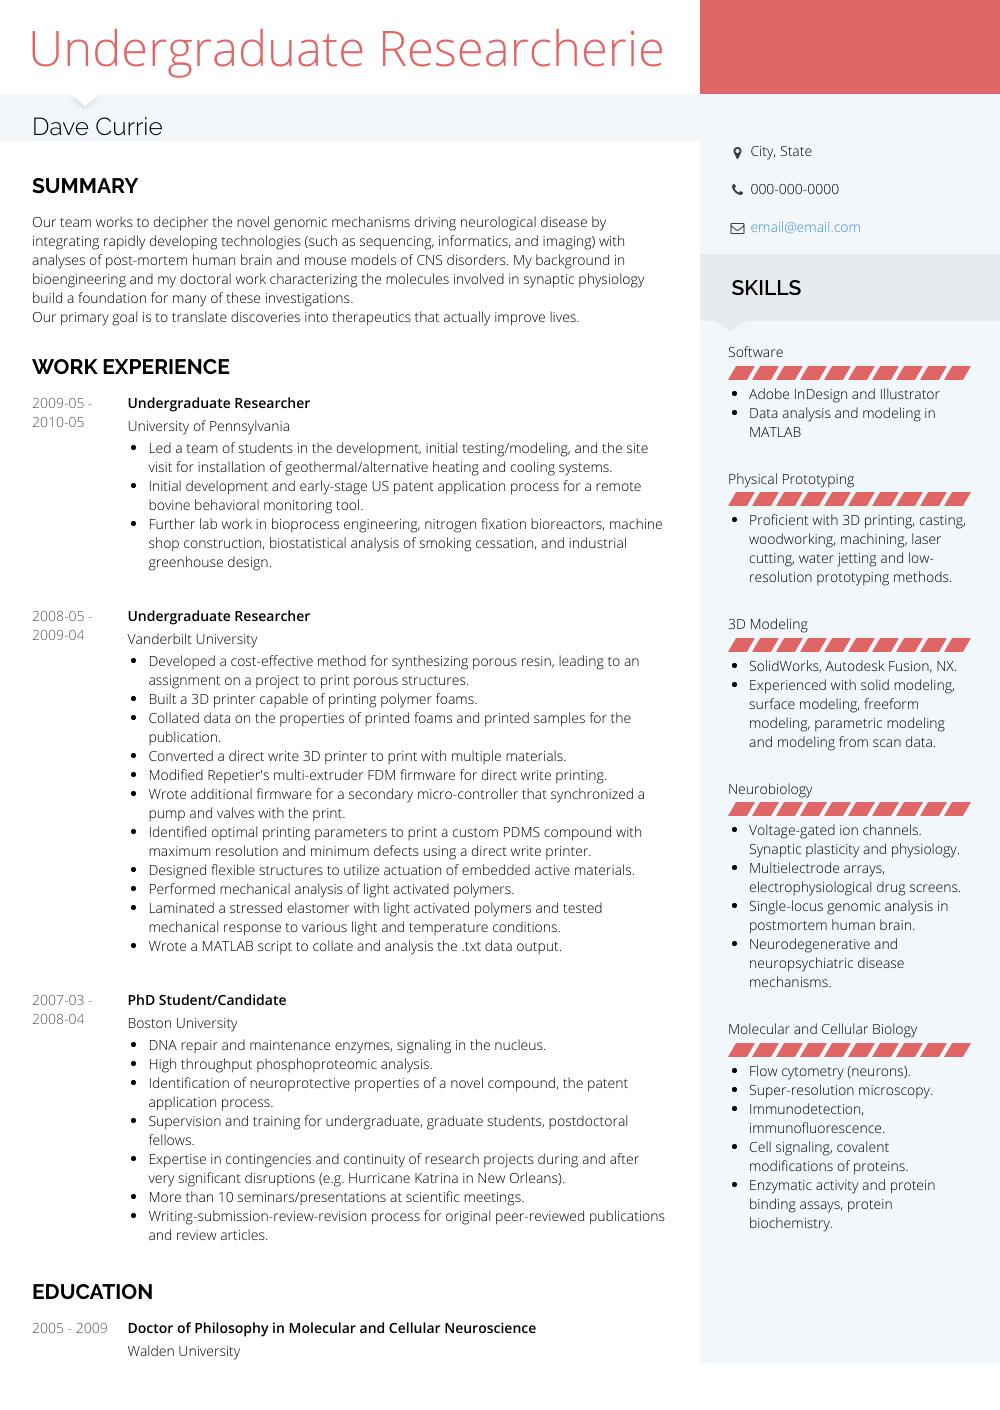 resume samples undergraduate